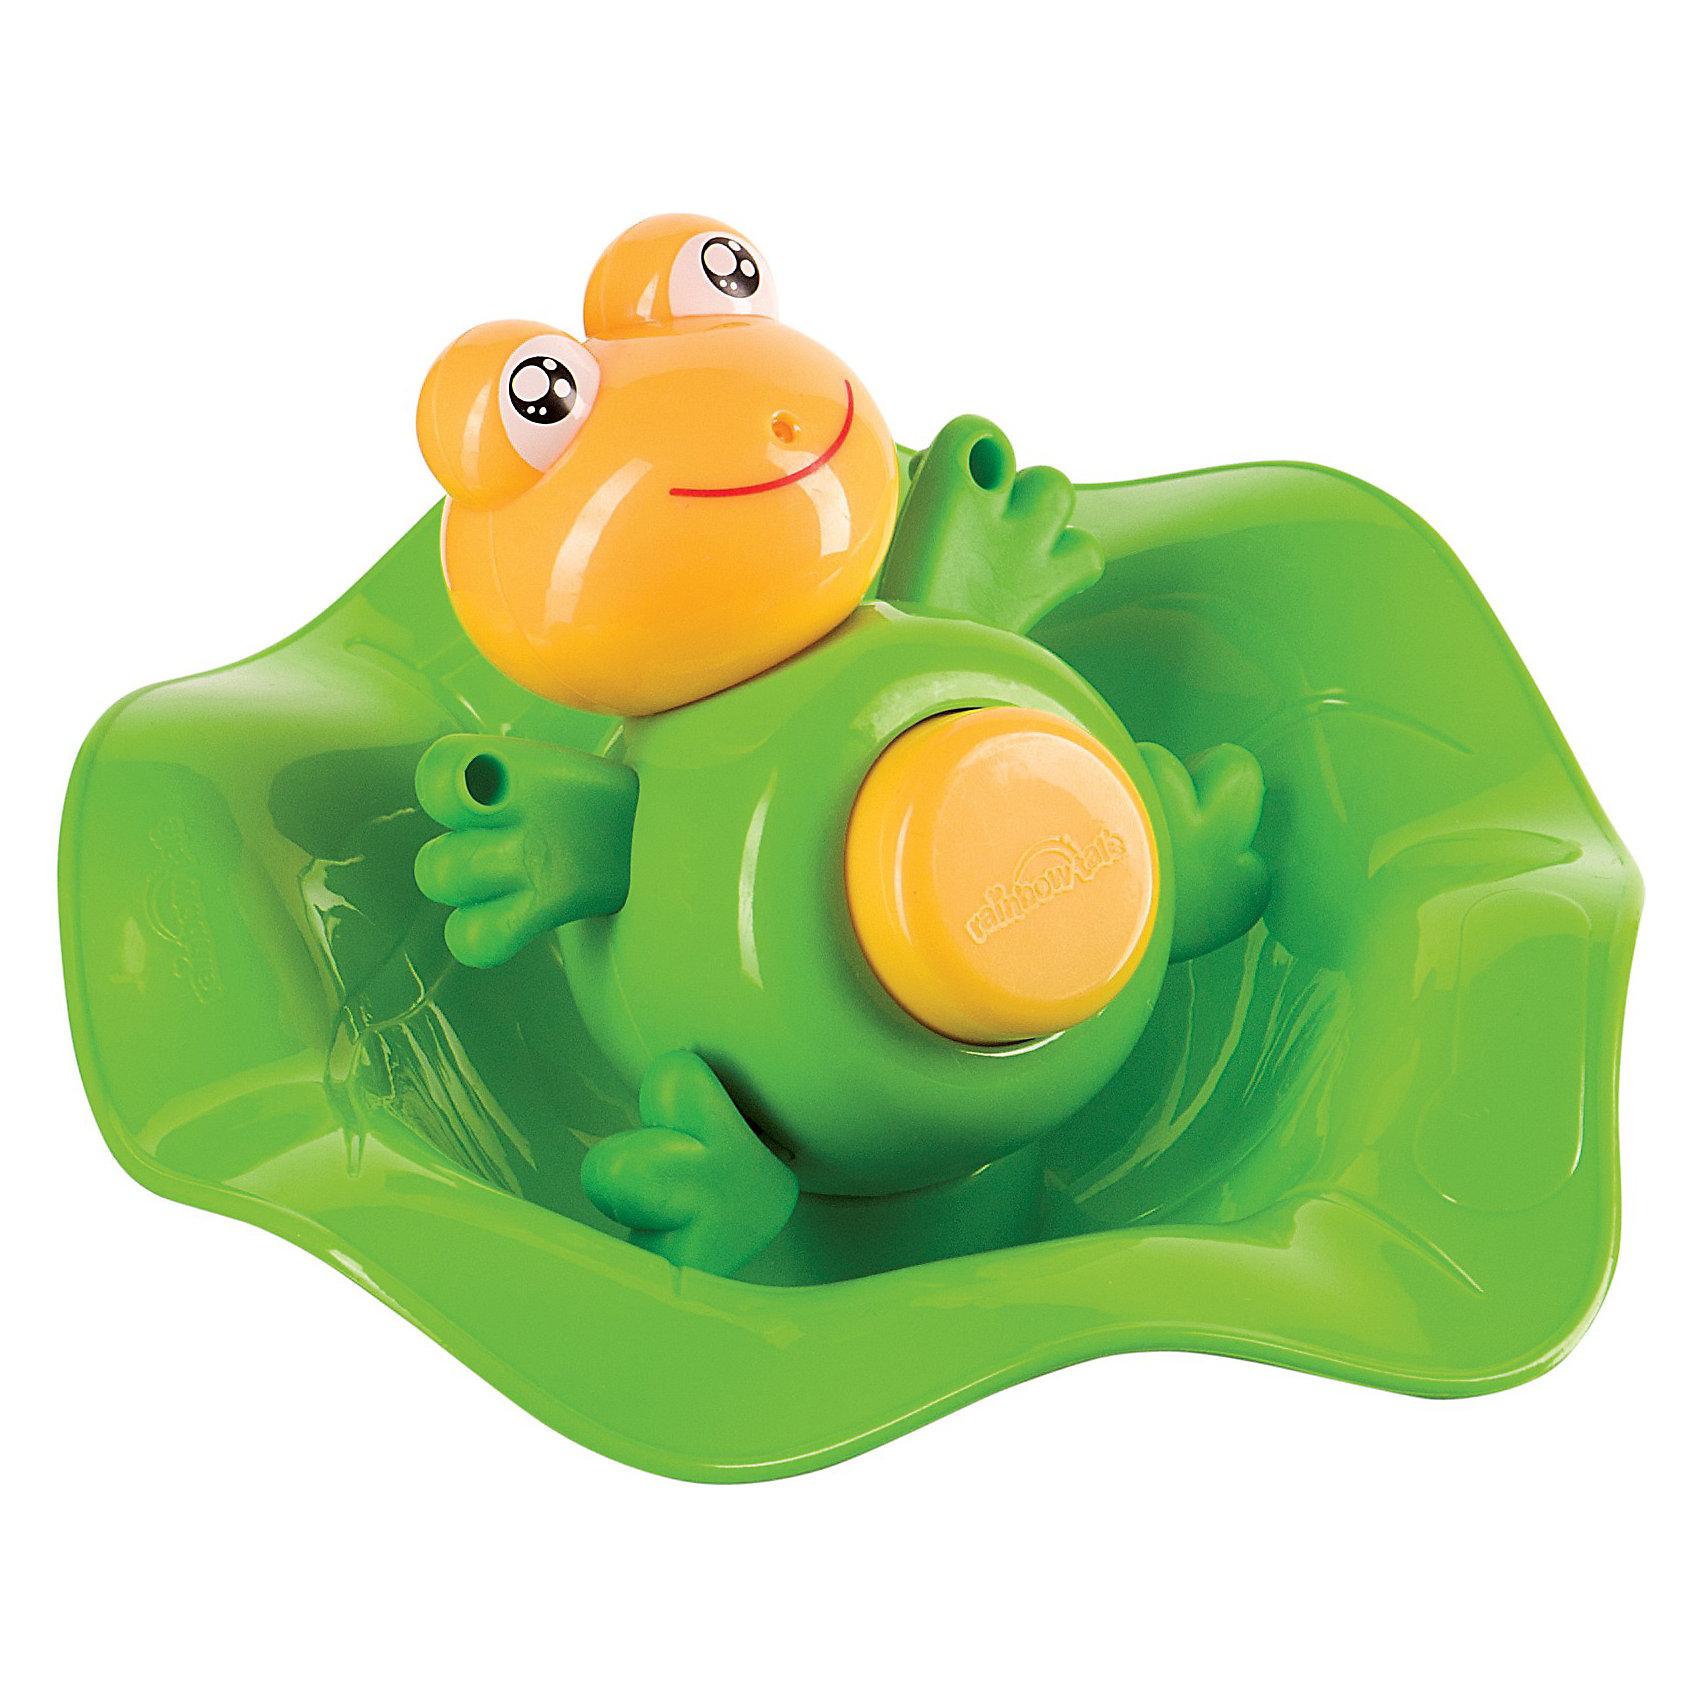 Лягушка -прорезыватель и ковш,  Happy BabyЛягушка-прорезыватель сделана по принципу 2 в 1. Её можно использовать как прорезыватель и как игрушку для ванны, которая превратит купание в веселую игру. Игрушка выполнена в виде яркой очаровательной лягушки и имеет безопасную овальную форму. Четыре прорезывателя в форме лапок будут нежно помассировать десны малыша. На животике лягушки расположена кнопка, при нажатии на которую, игрушка выстреливает струей воды. Голова лягушки поворачивается в разные стороны. В комплект входит оригинальный ковшик для воды, выполненный в виде листа лотоса, с которым ваш ребенок будет весело играть. Развивает: зрение, мелкую моторику, цветовое восприятие, тактильные ощущения, хватательные движения, концентрацию внимания.<br><br>Дополнительная информация:<br><br>- В наборе: лягушка, ковш<br>- Материал: высококачественный пластик<br>- Высота лягушки: 9,5 см.<br>- Размер ковша: 16 х 17 х 6 см.<br>- Размер упаковки: 25,5 х 7 х 19,5 см.<br><br>Лягушку -прорезыватель и ковш,  Happy Baby (Хэппи Беби) можно купить в нашем интернет-магазине.<br><br>Ширина мм: 255<br>Глубина мм: 70<br>Высота мм: 195<br>Вес г: 170<br>Возраст от месяцев: 0<br>Возраст до месяцев: 36<br>Пол: Унисекс<br>Возраст: Детский<br>SKU: 3918479